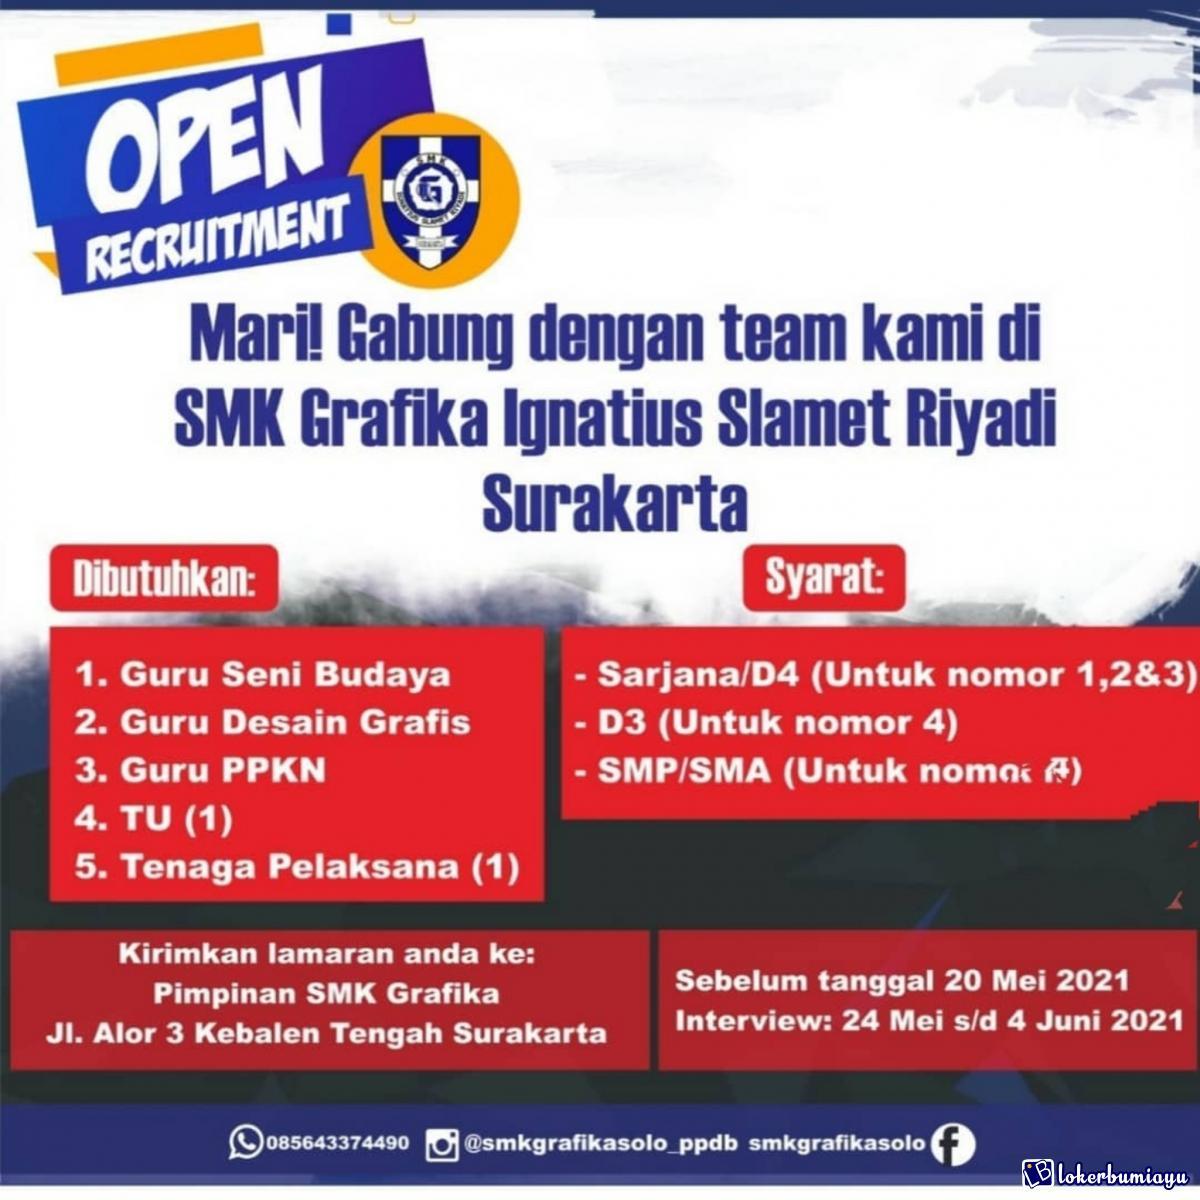 SMK Grafika Ignatius Slamet Riyadi Surakarta